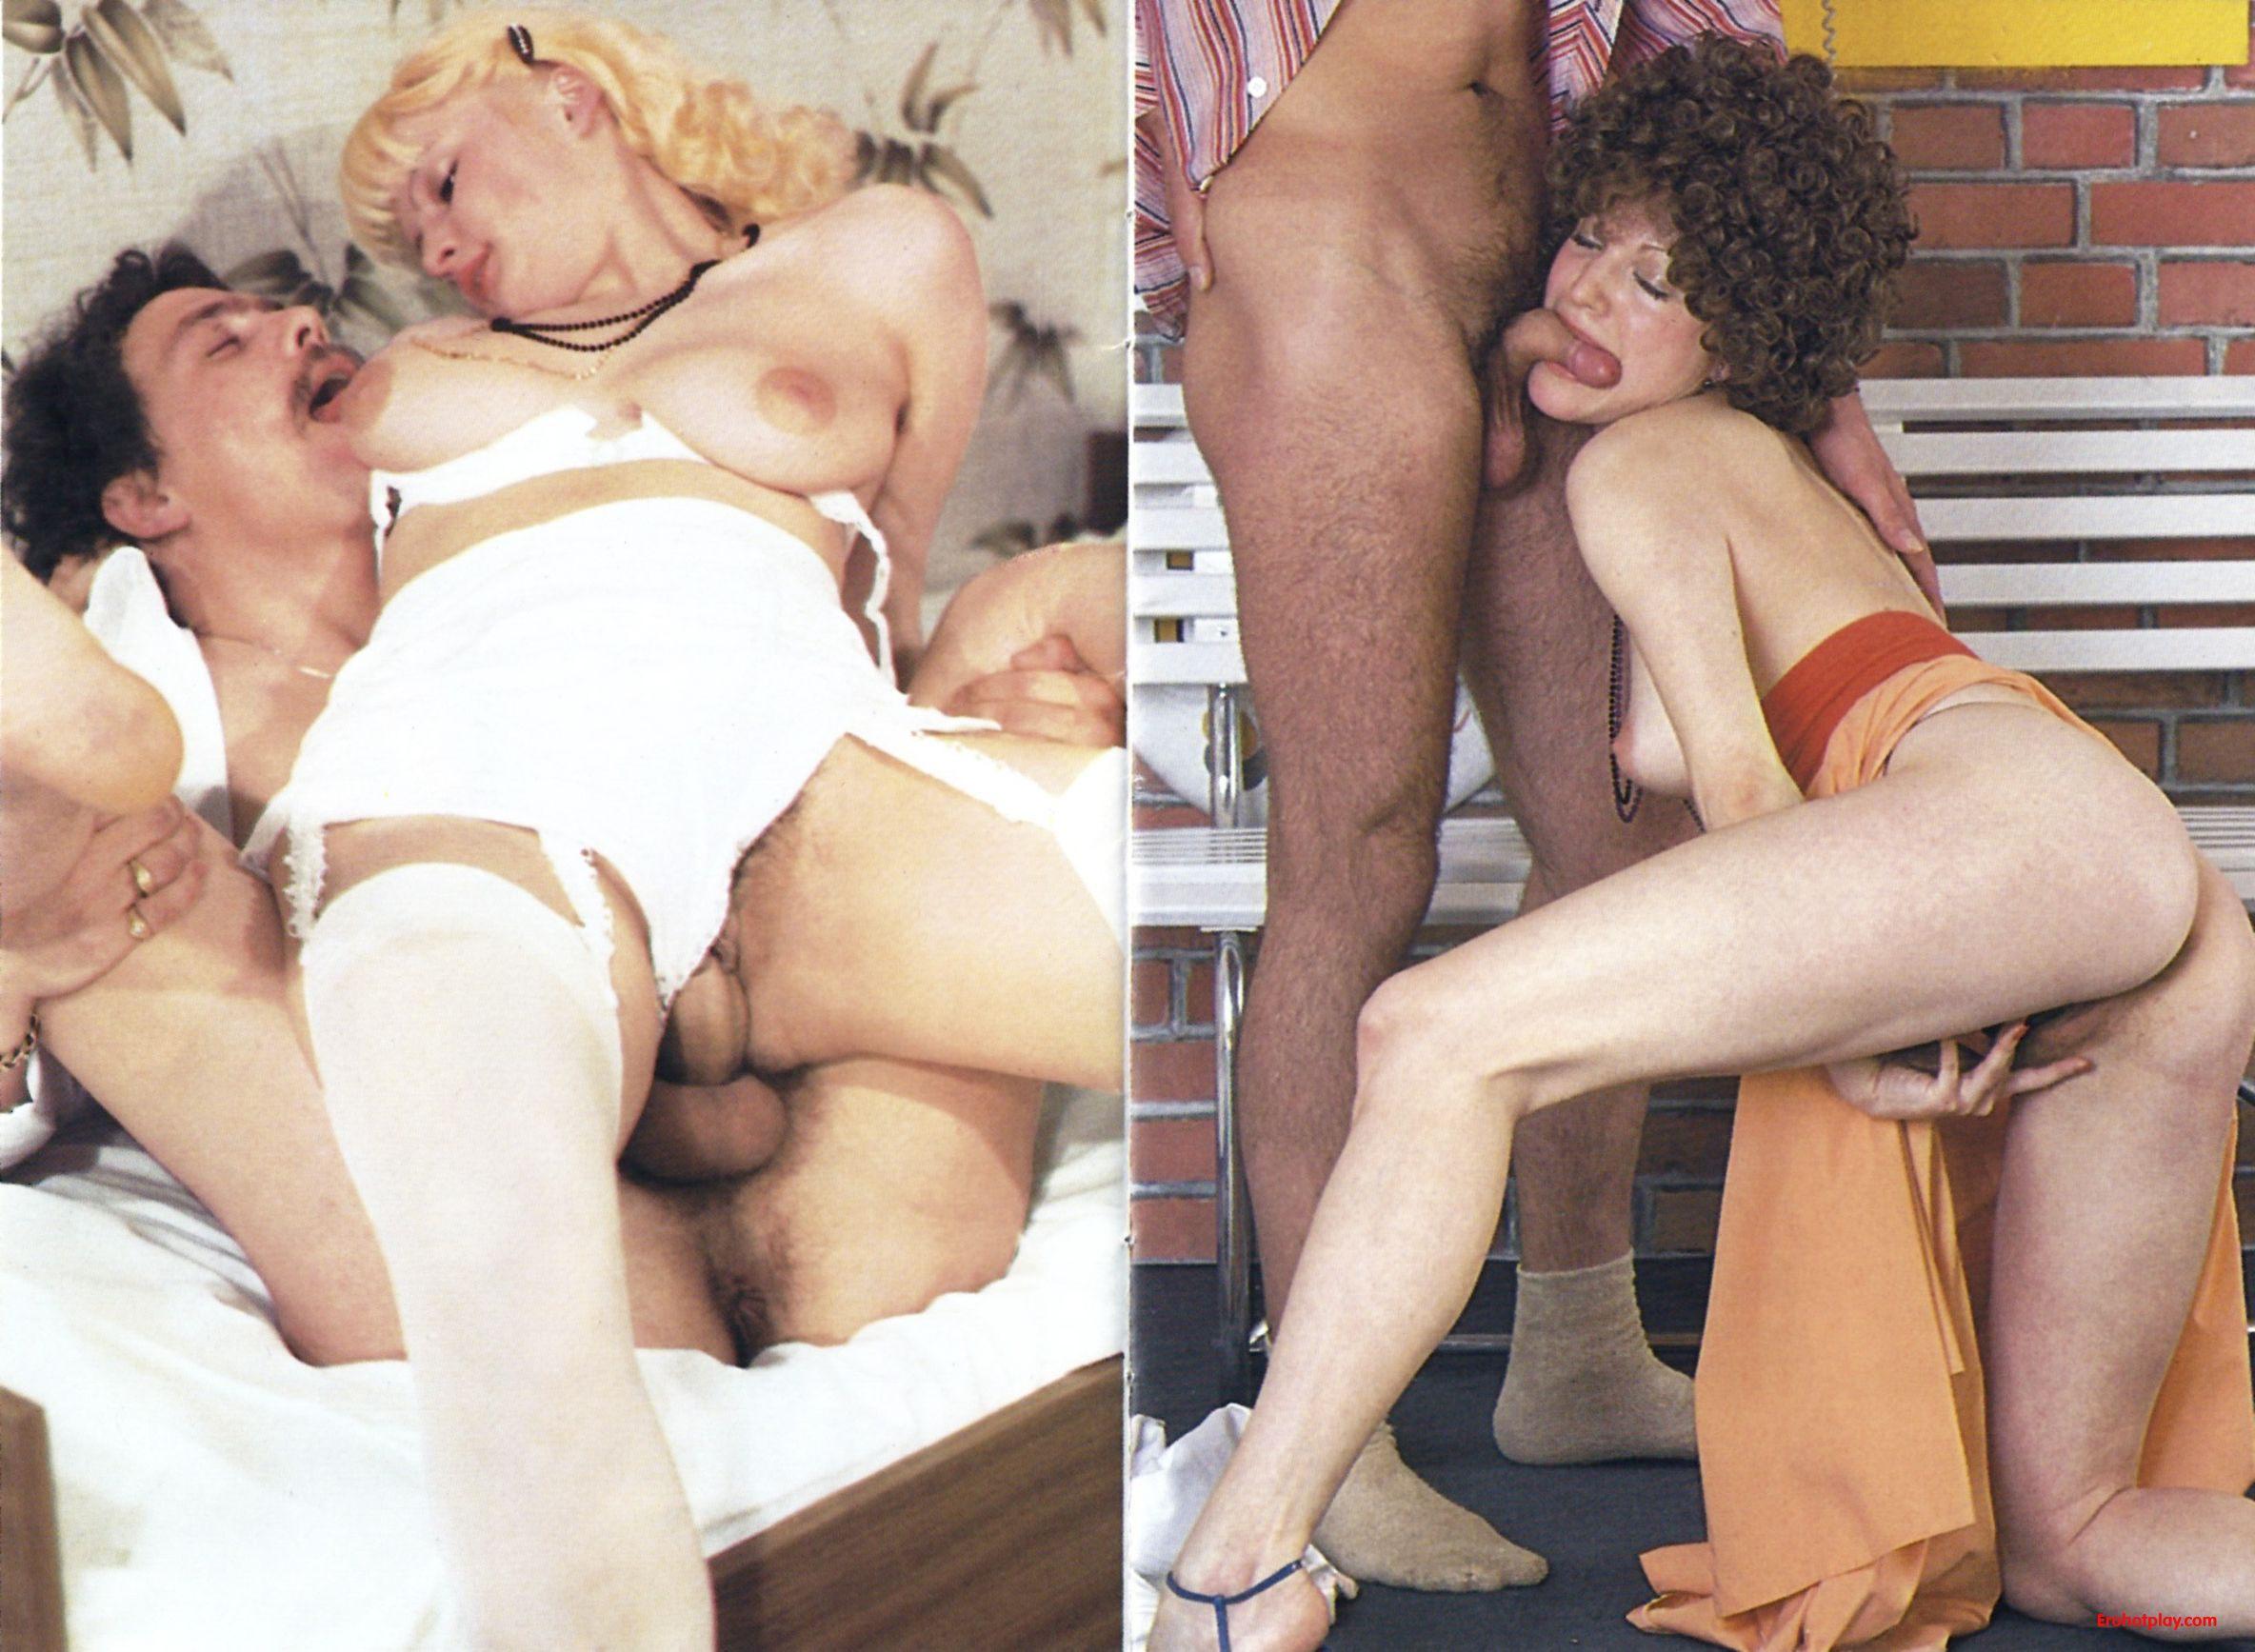 Порно в стиле ретро видео смотреть доступно бесплатно